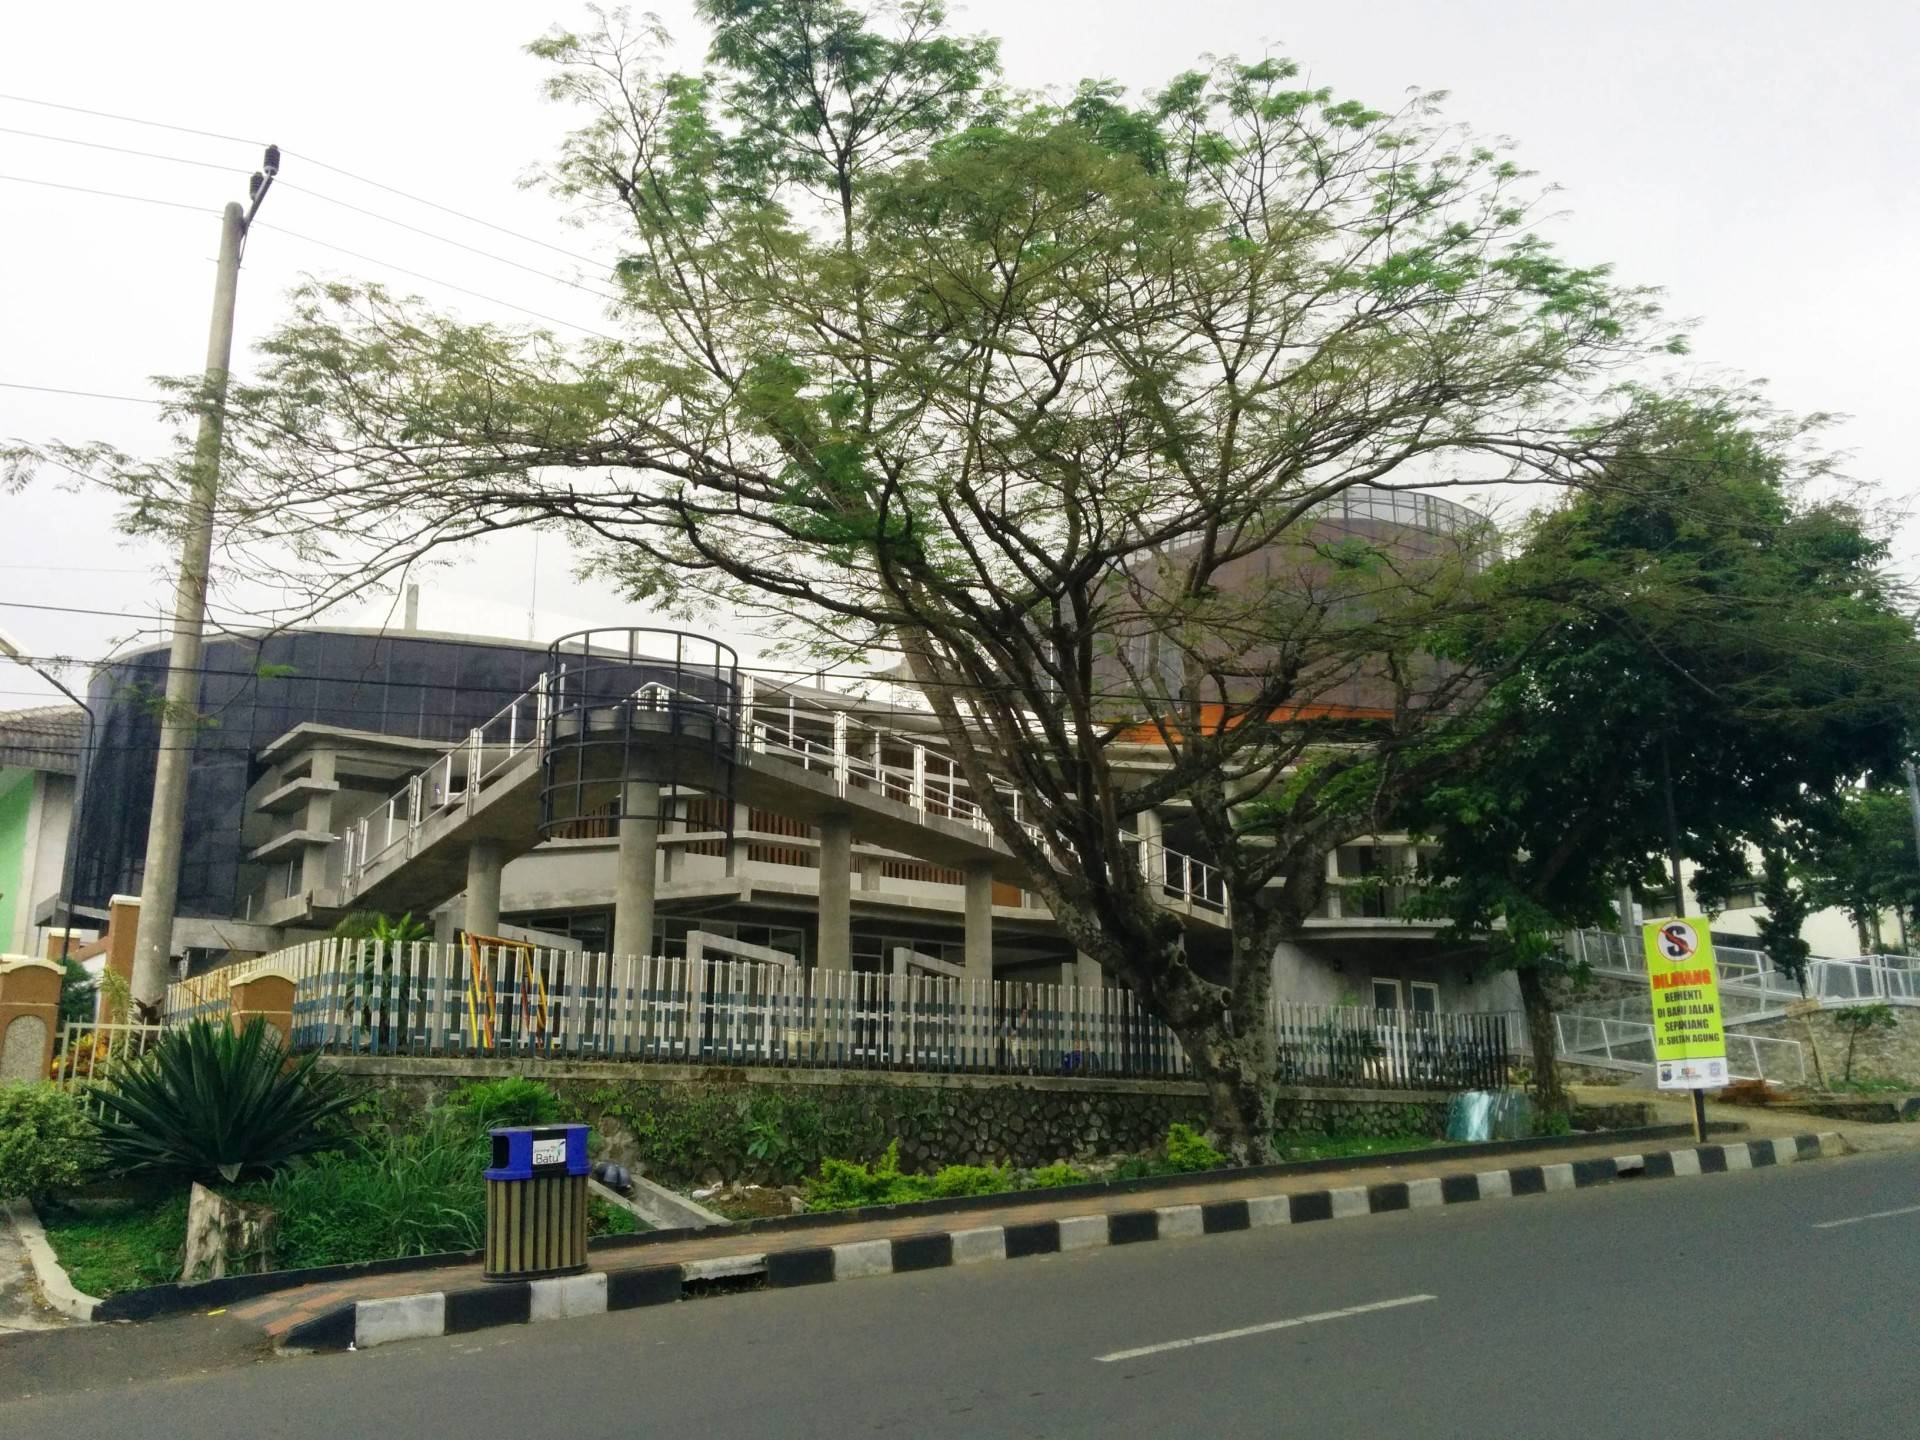 Haris Wibisono, Iai Veteran Building At Kota Batu Malang, East Java, Indonesia Malang, East Java, Indonesia Exterior-1   2526